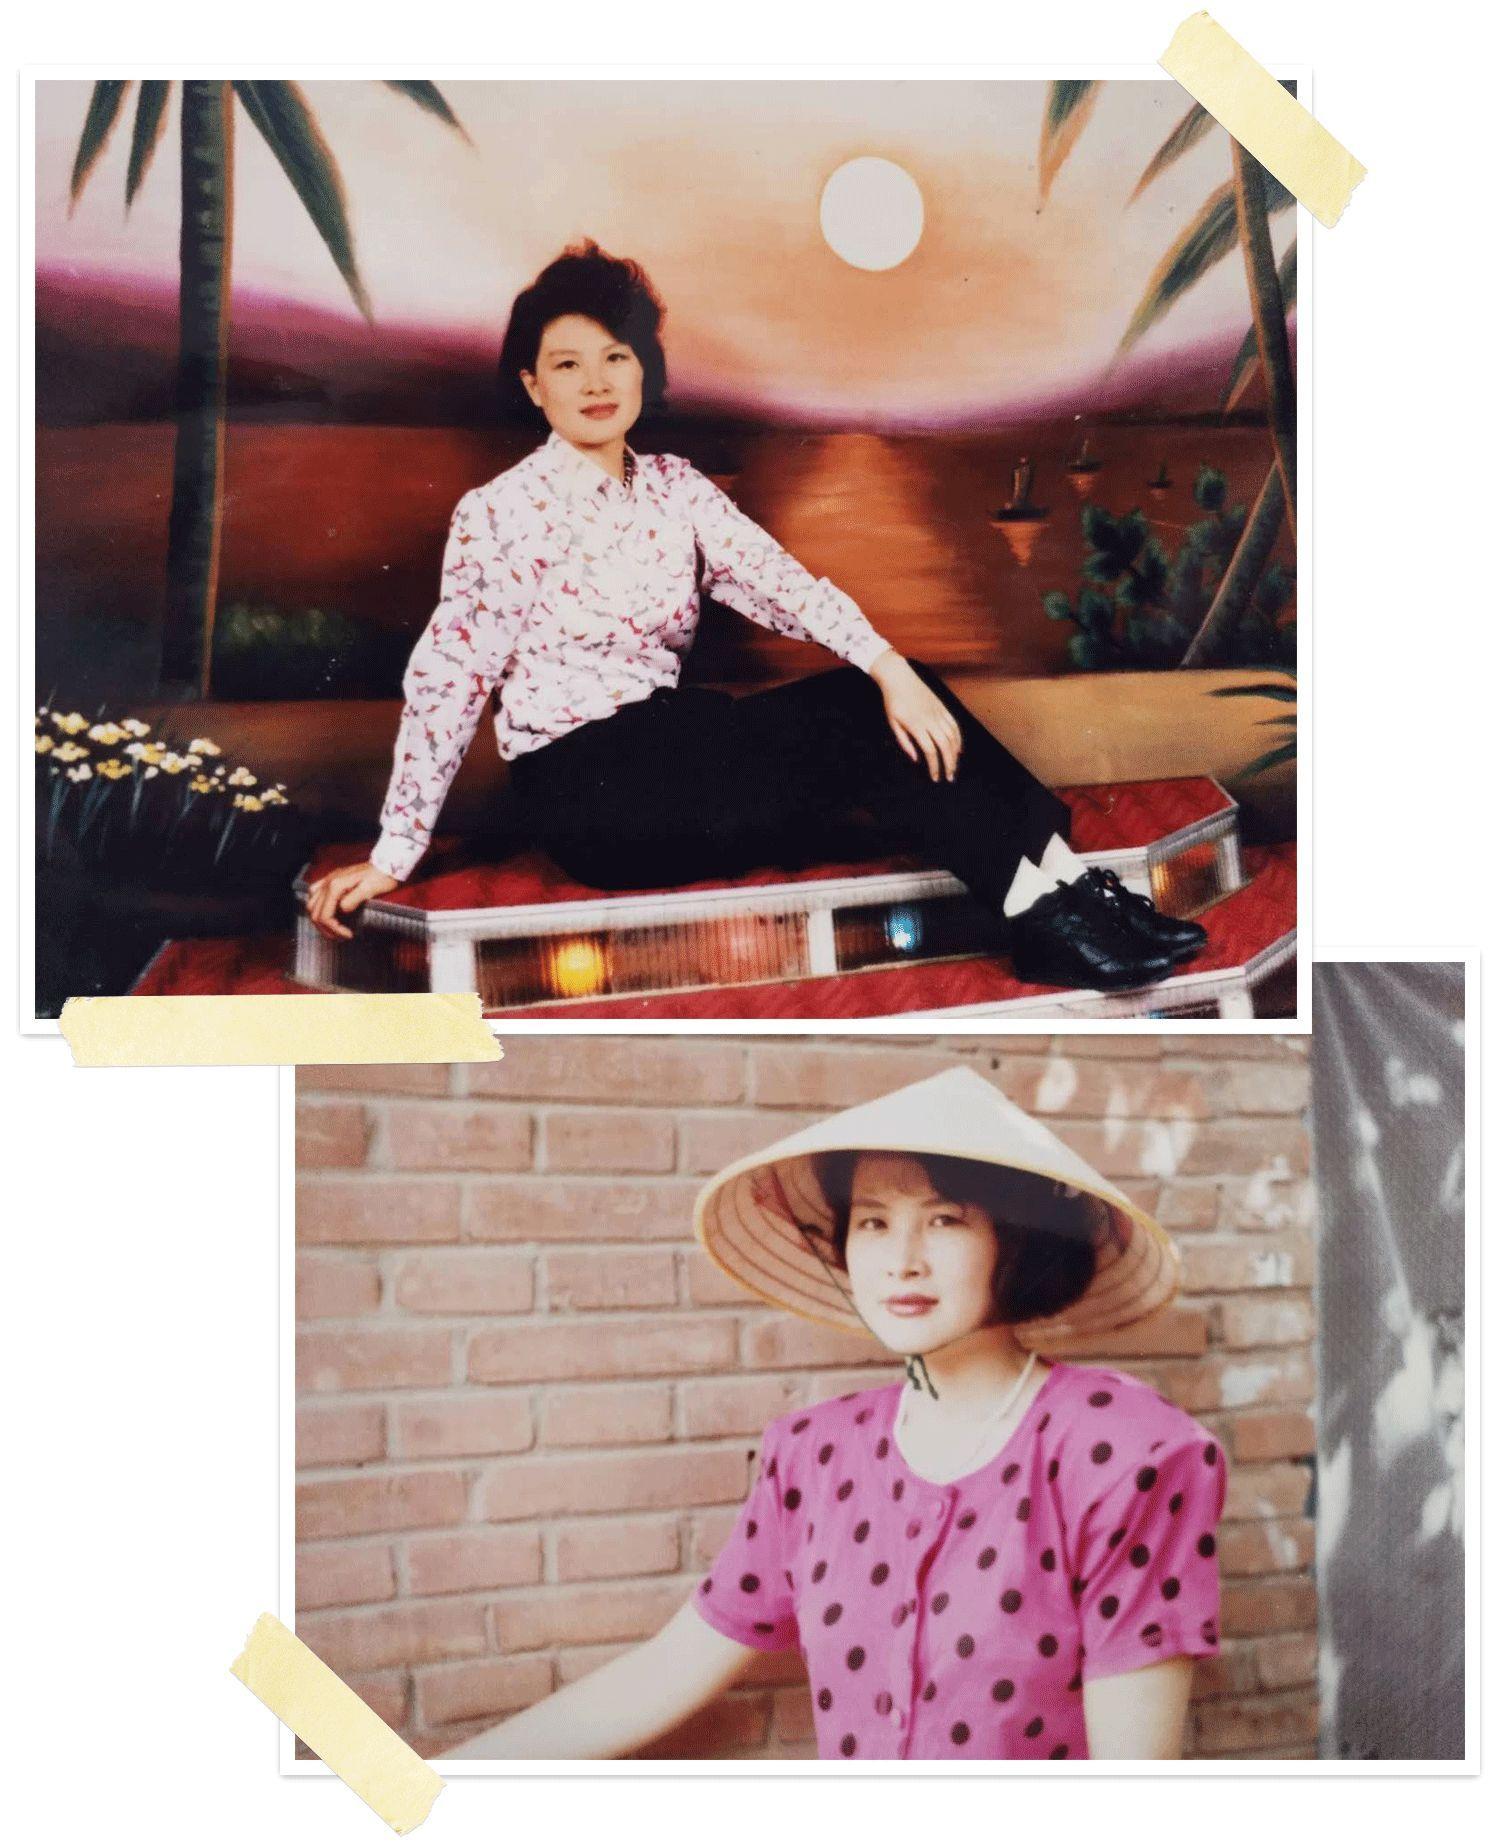 妈妈生日��.d_我们父母们的青春,才是真正的芳华_时尚_环球网